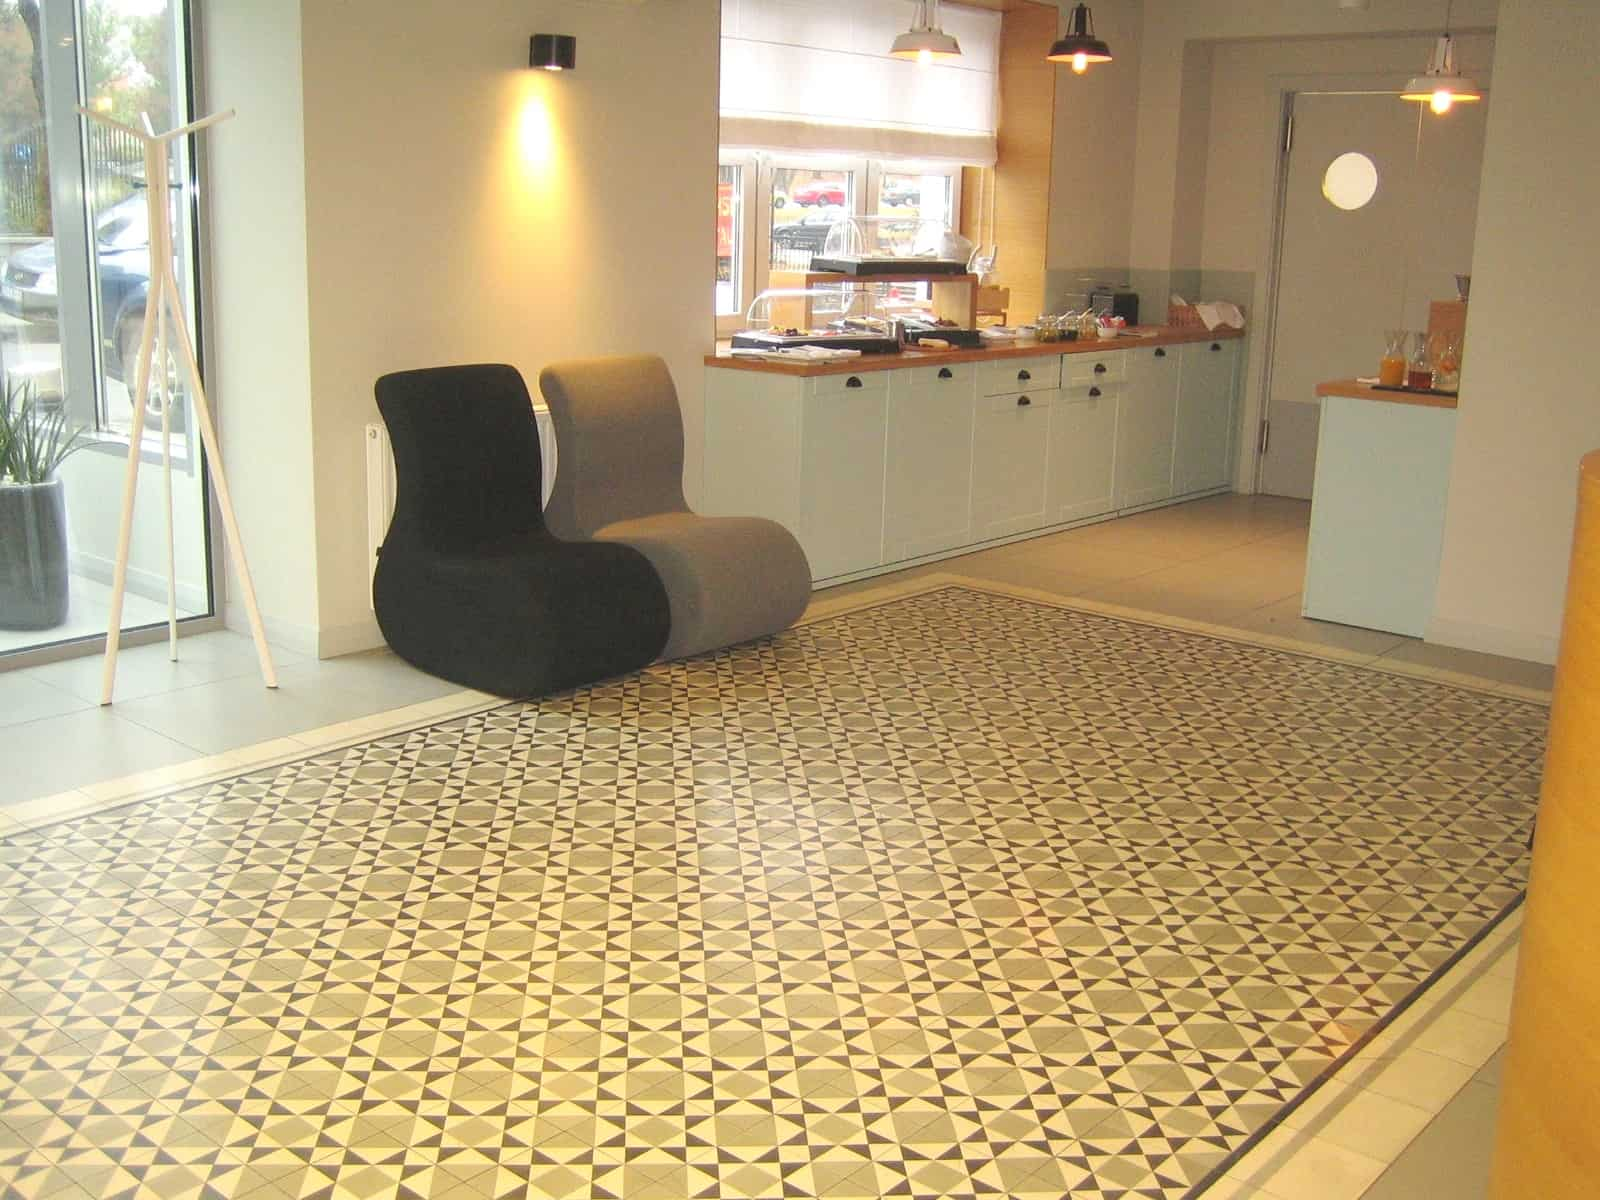 Posadzka dywanowa z płytek cementowych BAKARY, opleciona dyskretnym, jednobarwnym borderem